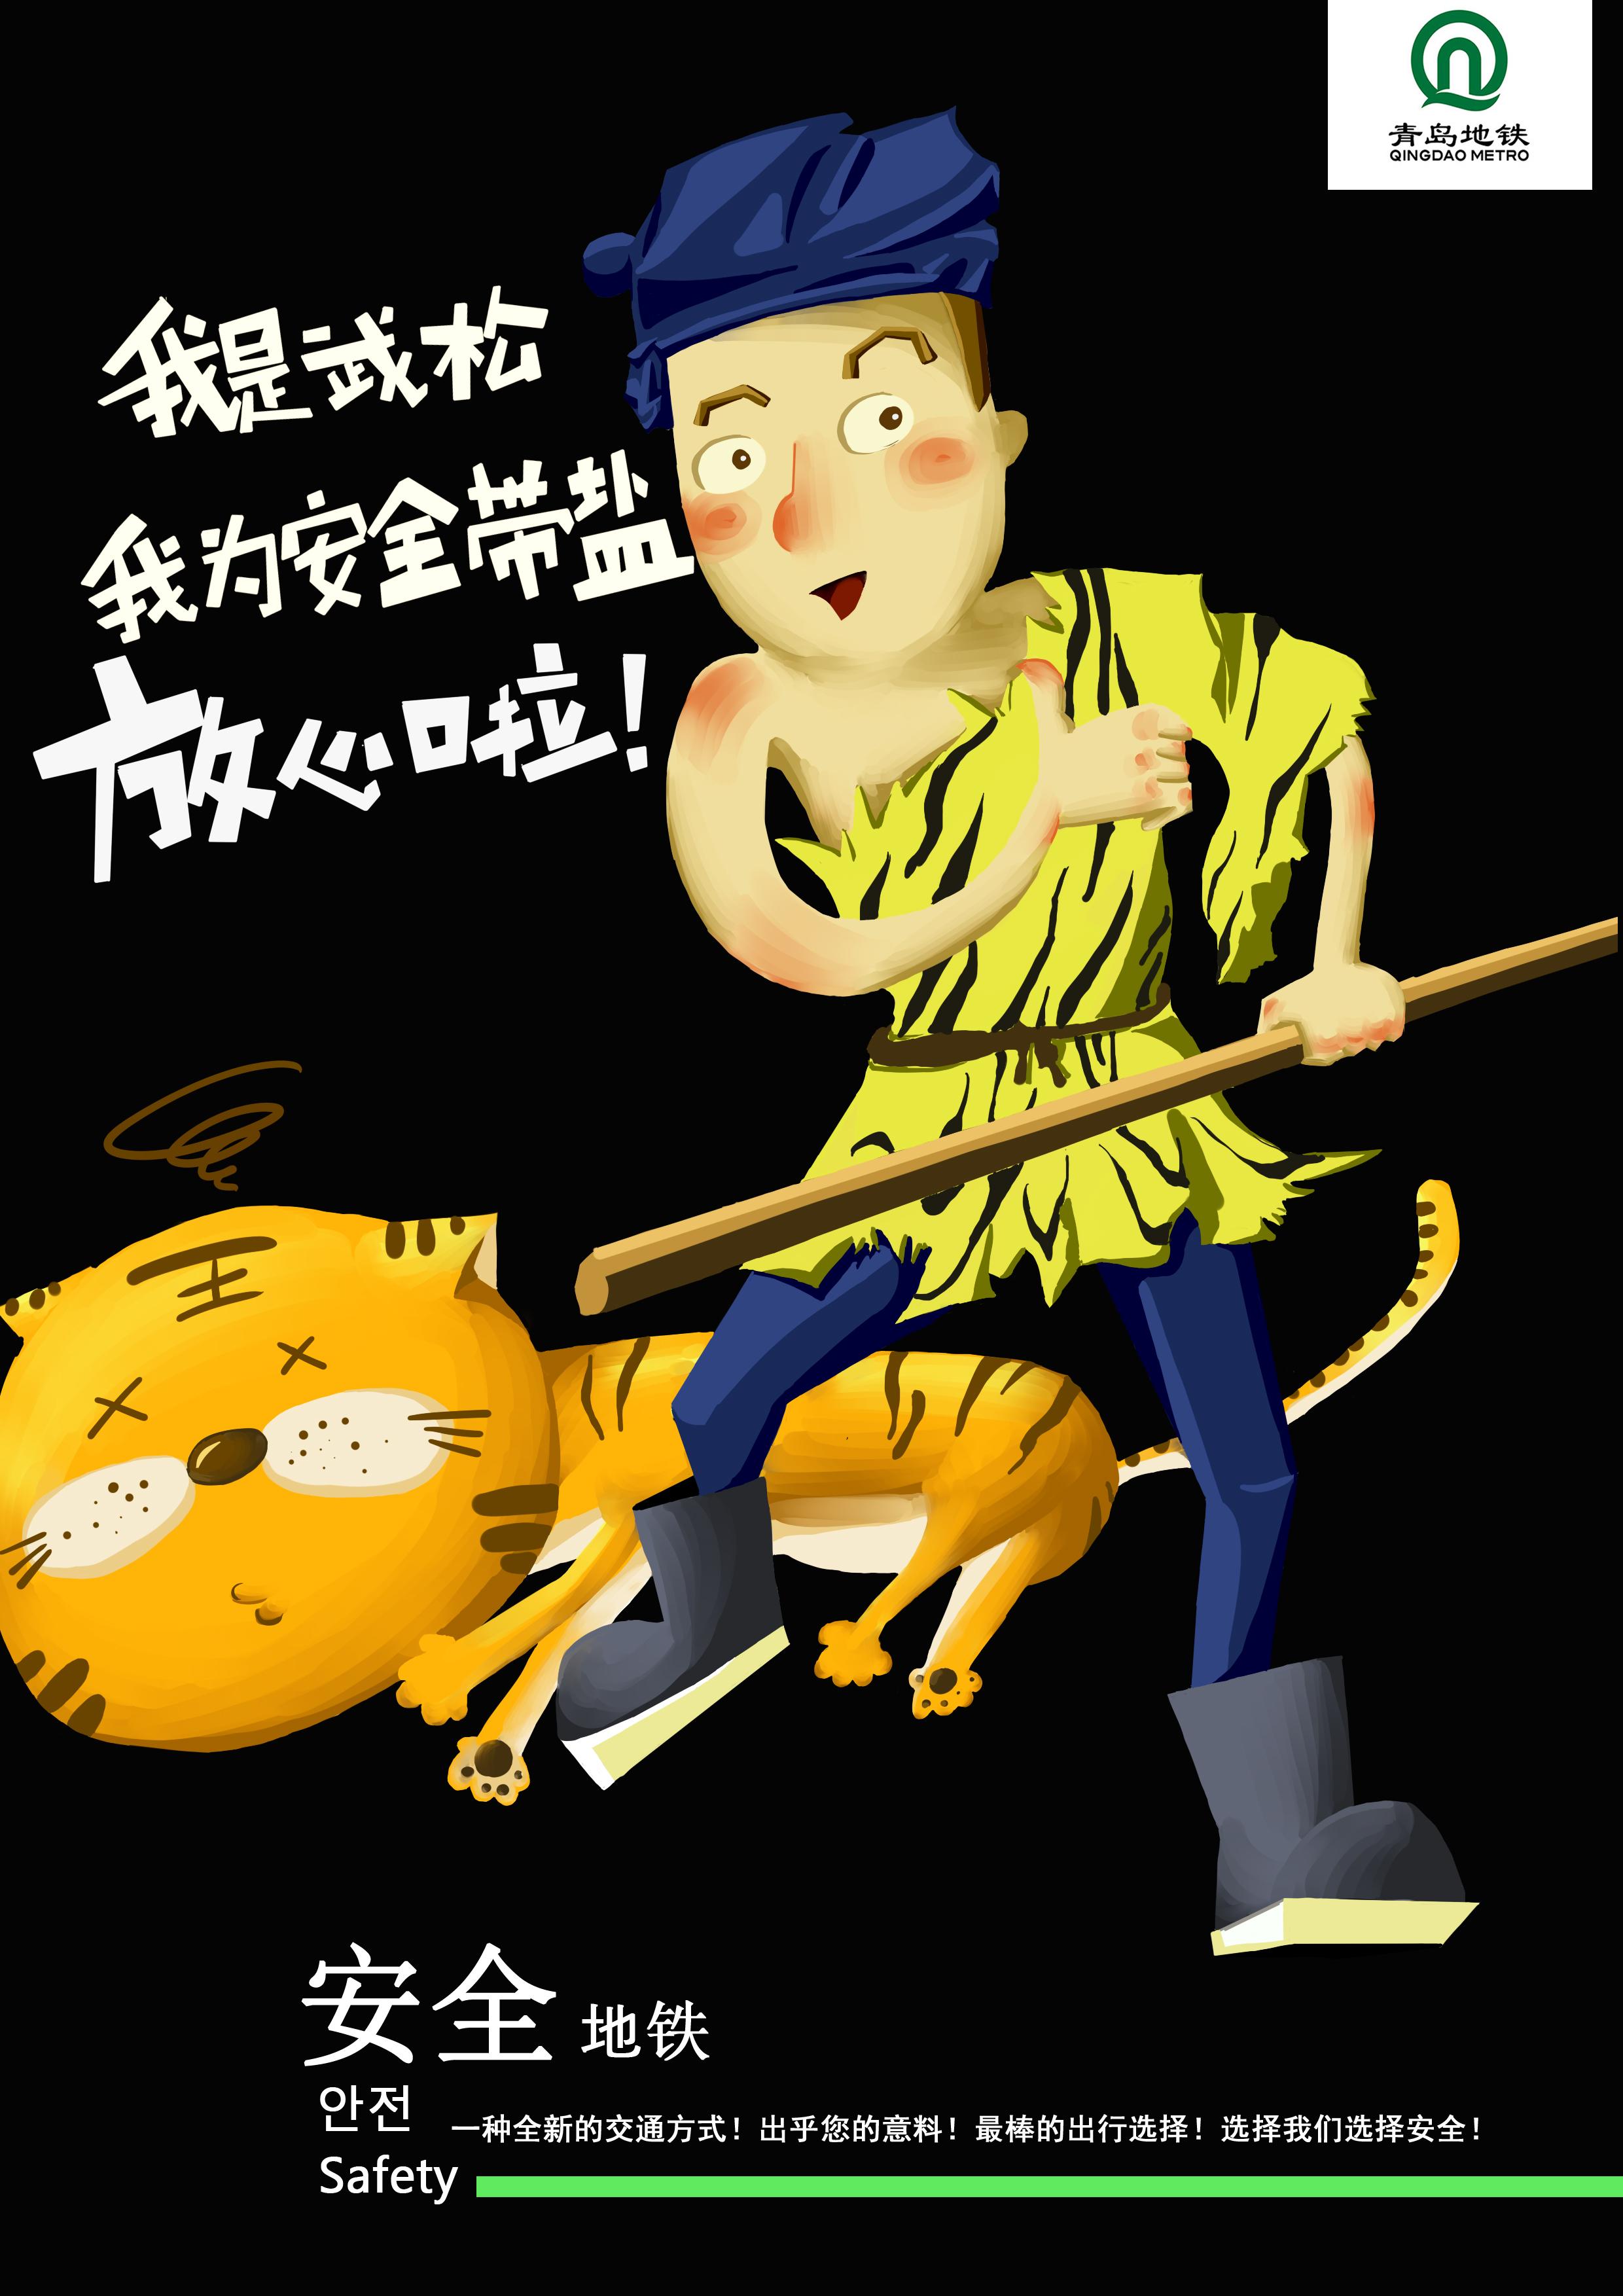 青岛地铁海报设计:安全地铁